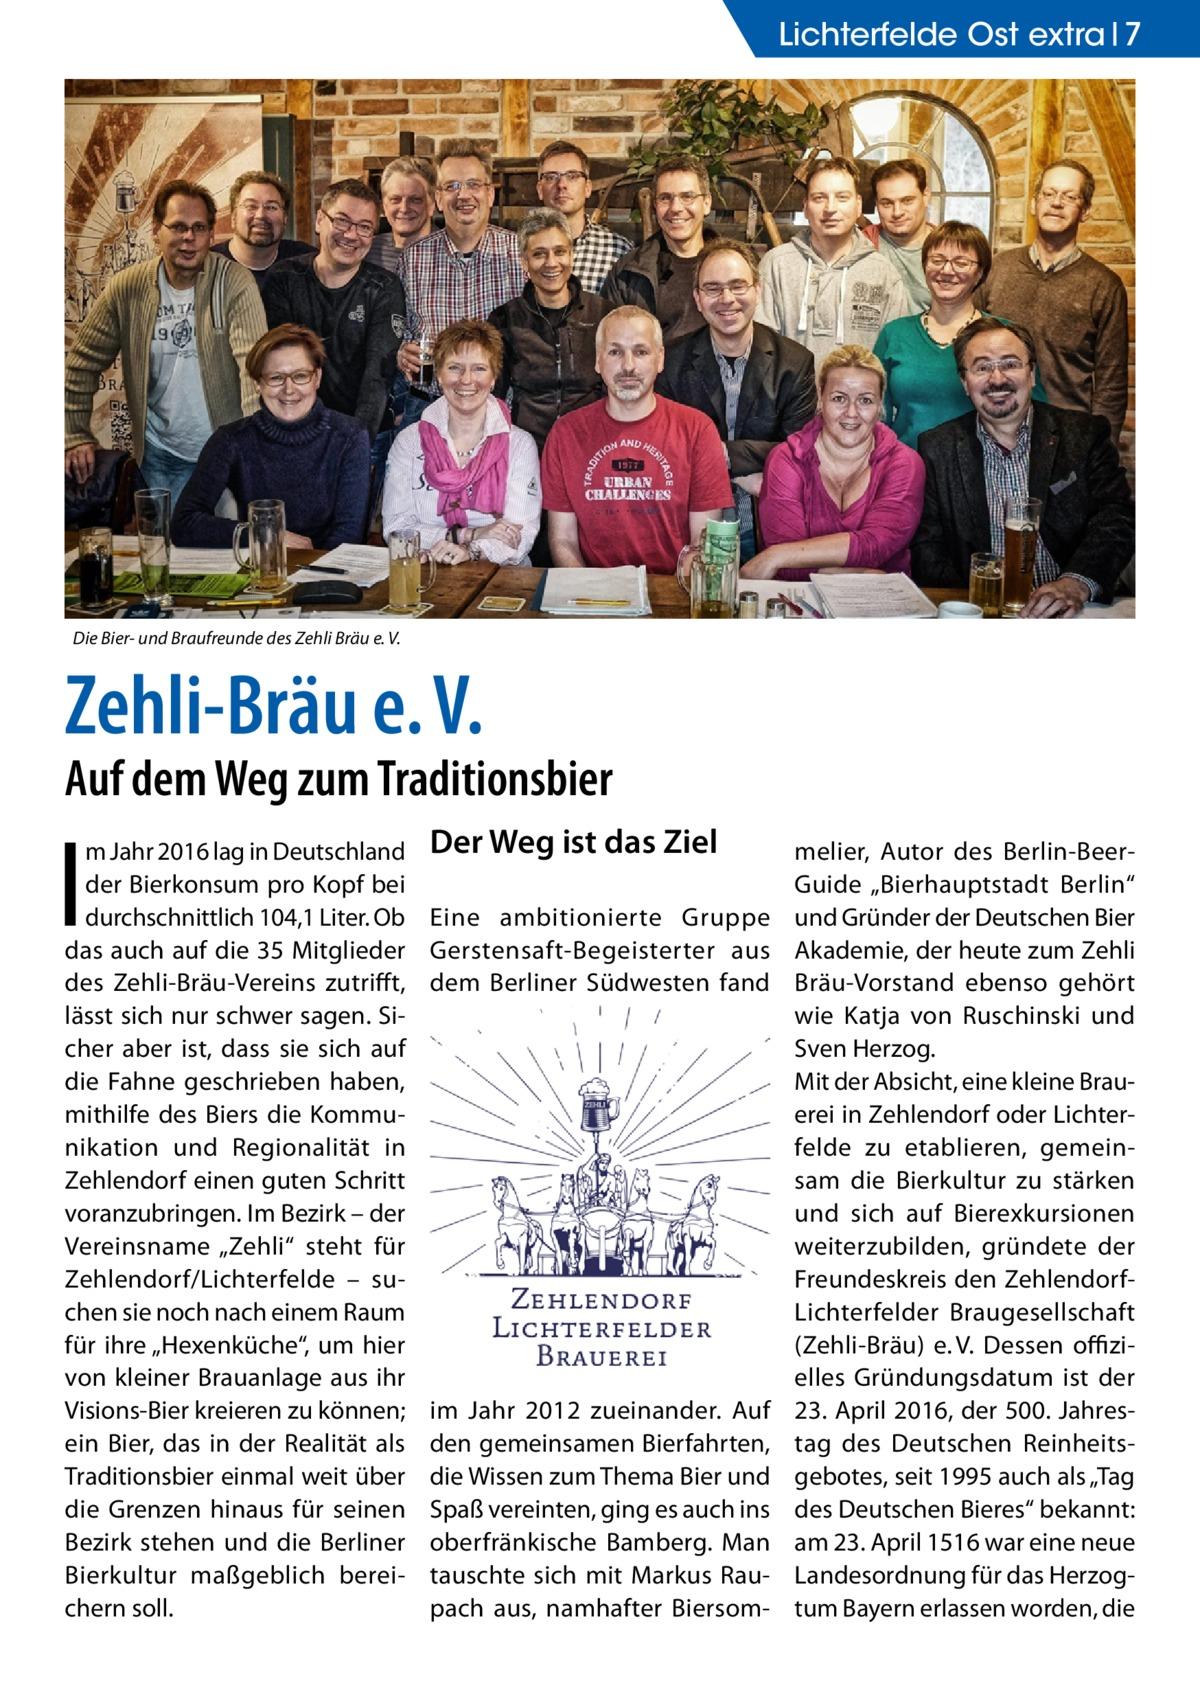 """Lichterfelde Ost extra 7  Die Bier- und Braufreunde des Zehli Bräu e.V.  Zehli-Bräu e.V.  Auf dem Weg zum Traditionsbier  I  m Jahr 2016 lag in Deutschland der Bierkonsum pro Kopf bei durchschnittlich 104,1 Liter. Ob das auch auf die 35 Mitglieder des Zehli-Bräu-Vereins zutrifft, lässt sich nur schwer sagen. Sicher aber ist, dass sie sich auf die Fahne geschrieben haben, mithilfe des Biers die Kommunikation und Regionalität in Zehlendorf einen guten Schritt voranzubringen. Im Bezirk – der Vereinsname """"Zehli"""" steht für Zehlendorf/Lichterfelde – suchen sie noch nach einem Raum für ihre """"Hexenküche"""", um hier von kleiner Brauanlage aus ihr Visions-Bier kreieren zu können; ein Bier, das in der Realität als Traditionsbier einmal weit über die Grenzen hinaus für seinen Bezirk stehen und die Berliner Bierkultur maßgeblich bereichern soll.  Der Weg ist das Ziel Eine ambitionierte Gruppe Gerstensaft-Begeisterter aus dem Berliner Südwesten fand  im Jahr 2012 zueinander. Auf den gemeinsamen Bierfahrten, die Wissen zum Thema Bier und Spaß vereinten, ging es auch ins oberfränkische Bamberg. Man tauschte sich mit Markus Raupach aus, namhafter Biersom melier, Autor des Berlin-BeerGuide """"Bierhauptstadt Berlin"""" und Gründer der Deutschen Bier Akademie, der heute zum Zehli Bräu-Vorstand ebenso gehört wie Katja von Ruschinski und Sven Herzog. Mit der Absicht, eine kleine Brauerei in Zehlendorf oder Lichterfelde zu etablieren, gemeinsam die Bierkultur zu stärken und sich auf Bierexkursionen weiterzubilden, gründete der Freundeskreis den ZehlendorfLichterfelder Braugesellschaft (Zehli-Bräu) e.V. Dessen offizielles Gründungsdatum ist der 23.April 2016, der 500. Jahrestag des Deutschen Reinheitsgebotes, seit 1995 auch als """"Tag des Deutschen Bieres"""" bekannt: am 23.April 1516 war eine neue Landesordnung für das Herzogtum Bayern erlassen worden, die"""